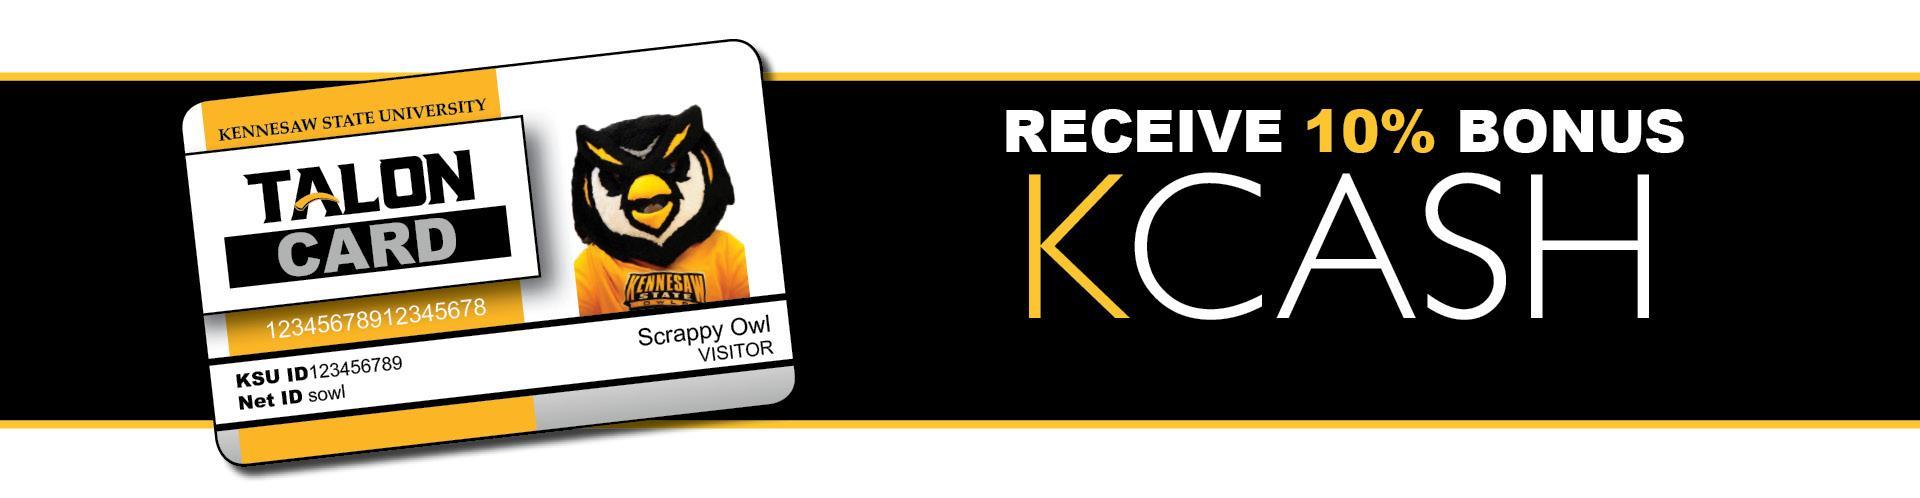 Receive a 10% bonus when you deposit KCash!